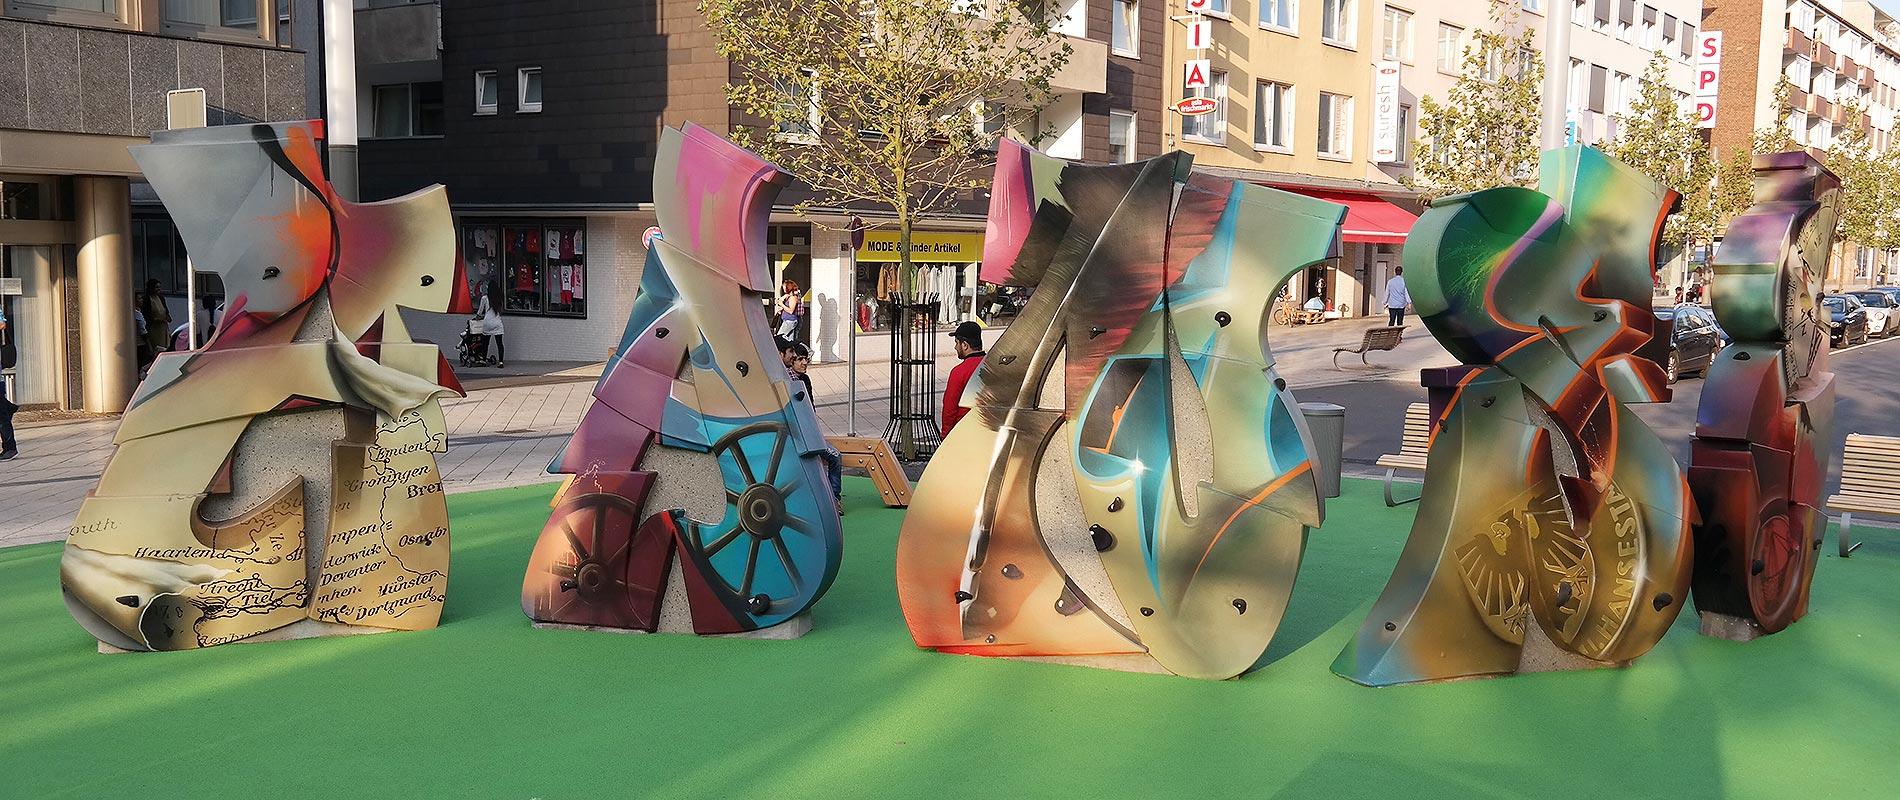 Kunst & Freizeit, organischen Freiformen, von Betonkünstler gestaltet, Freizeitanlagen, Spielplatz